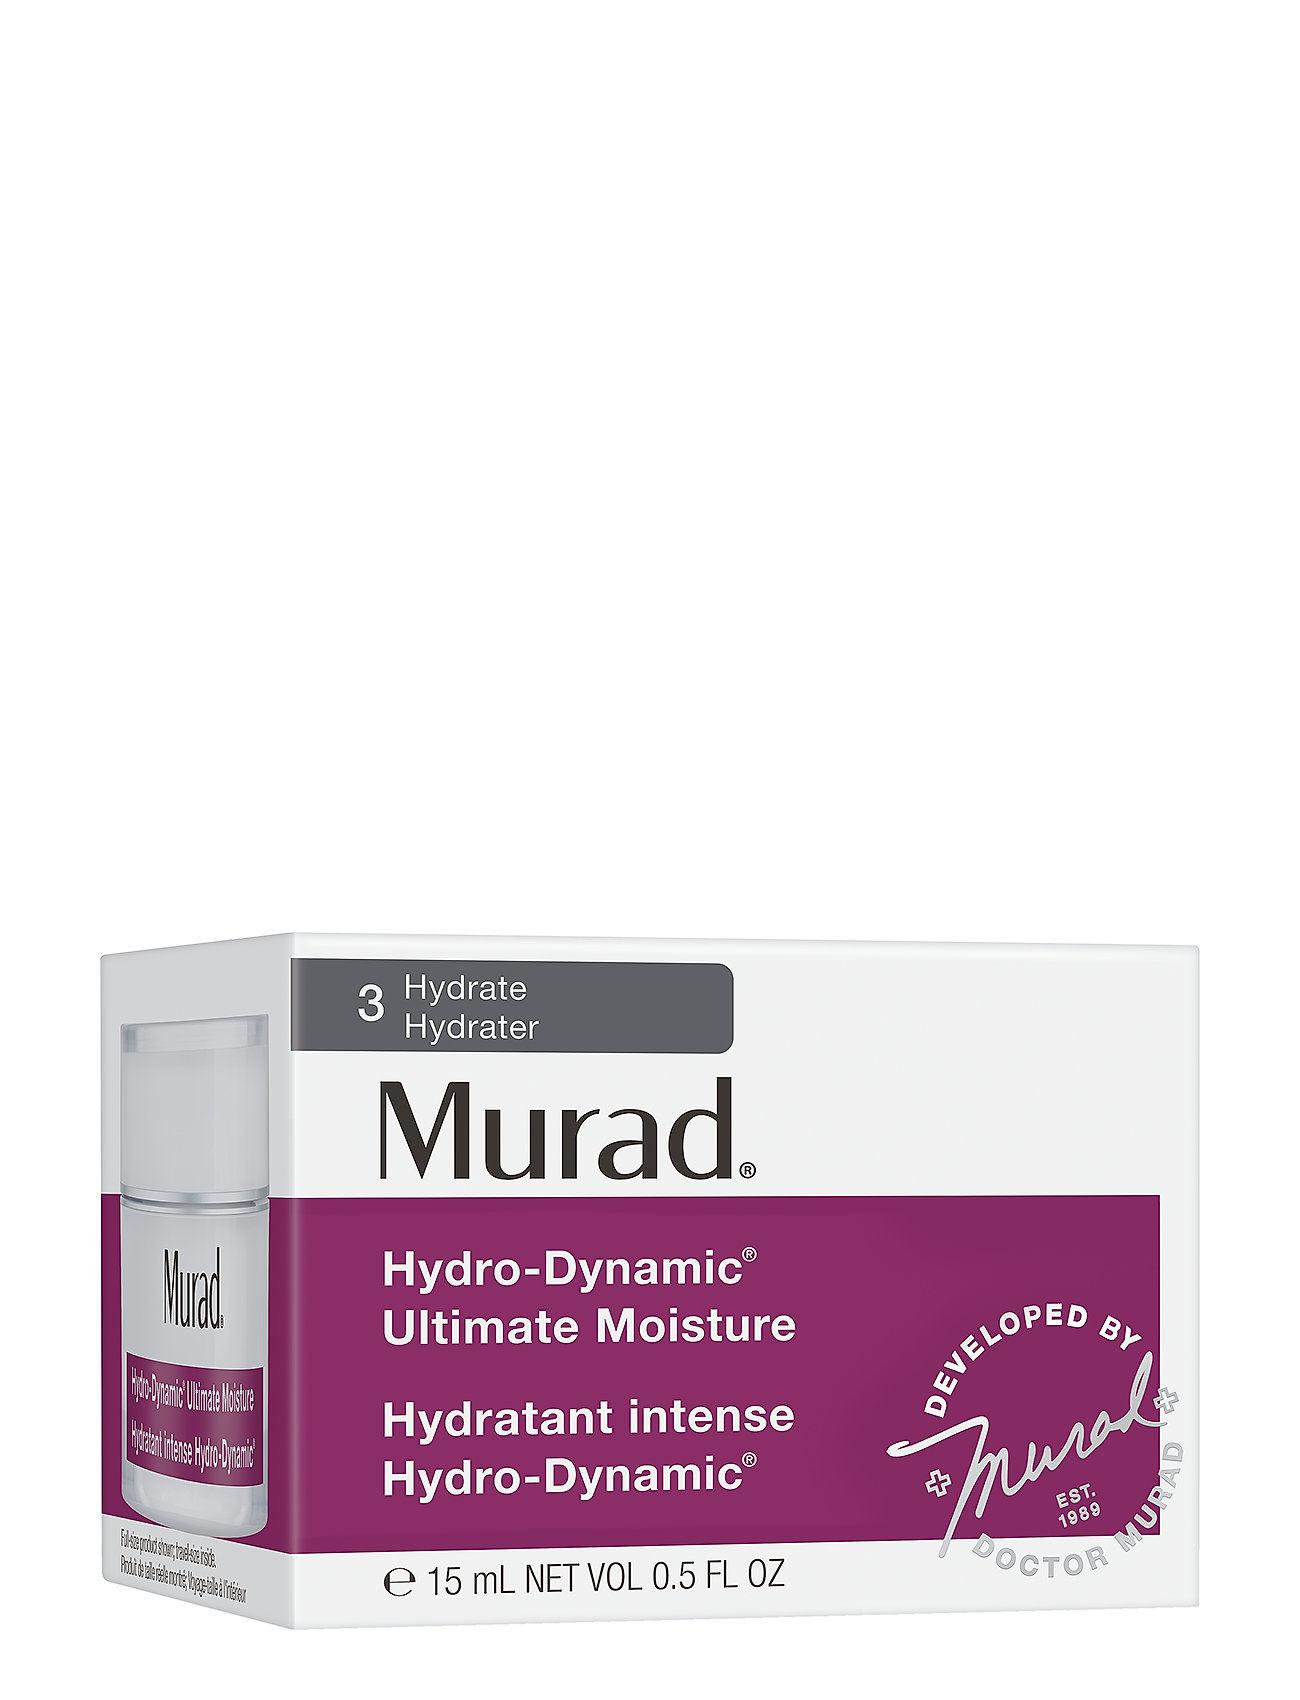 Murad Hydro-Dynamic Ultimate Moisture - NO COLOUR